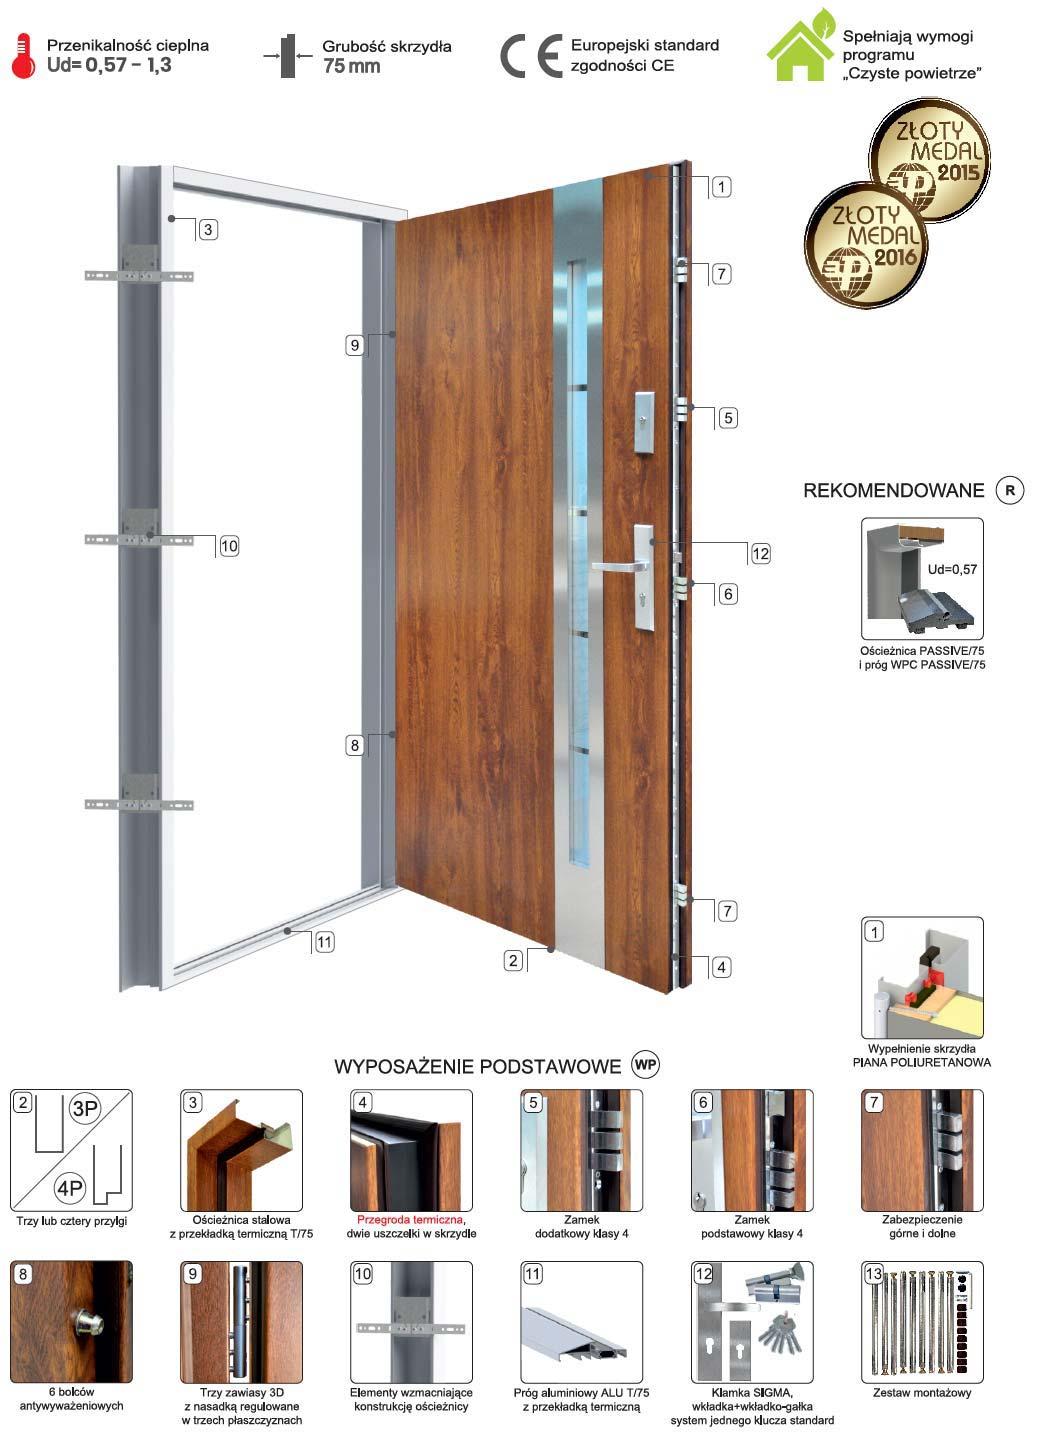 drzwi-kmt-75passive-zestaw-nowy